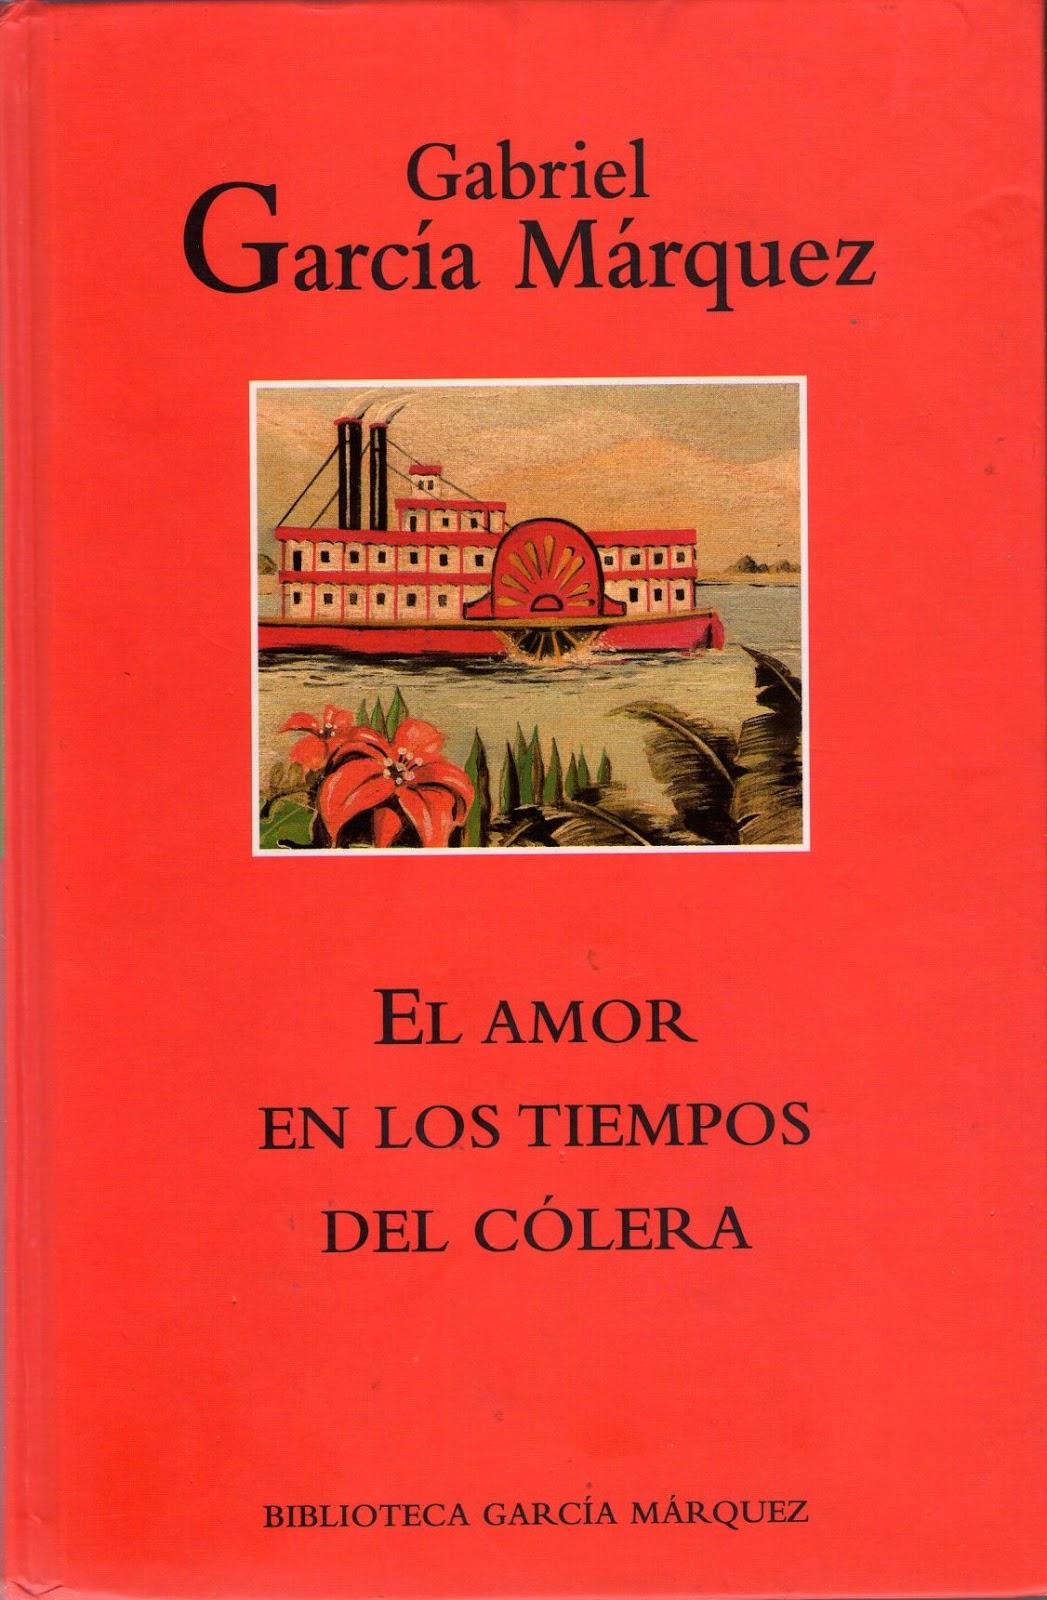 Librolandia El Amor En Los Tiempos Del Colera En Pdf Gratis